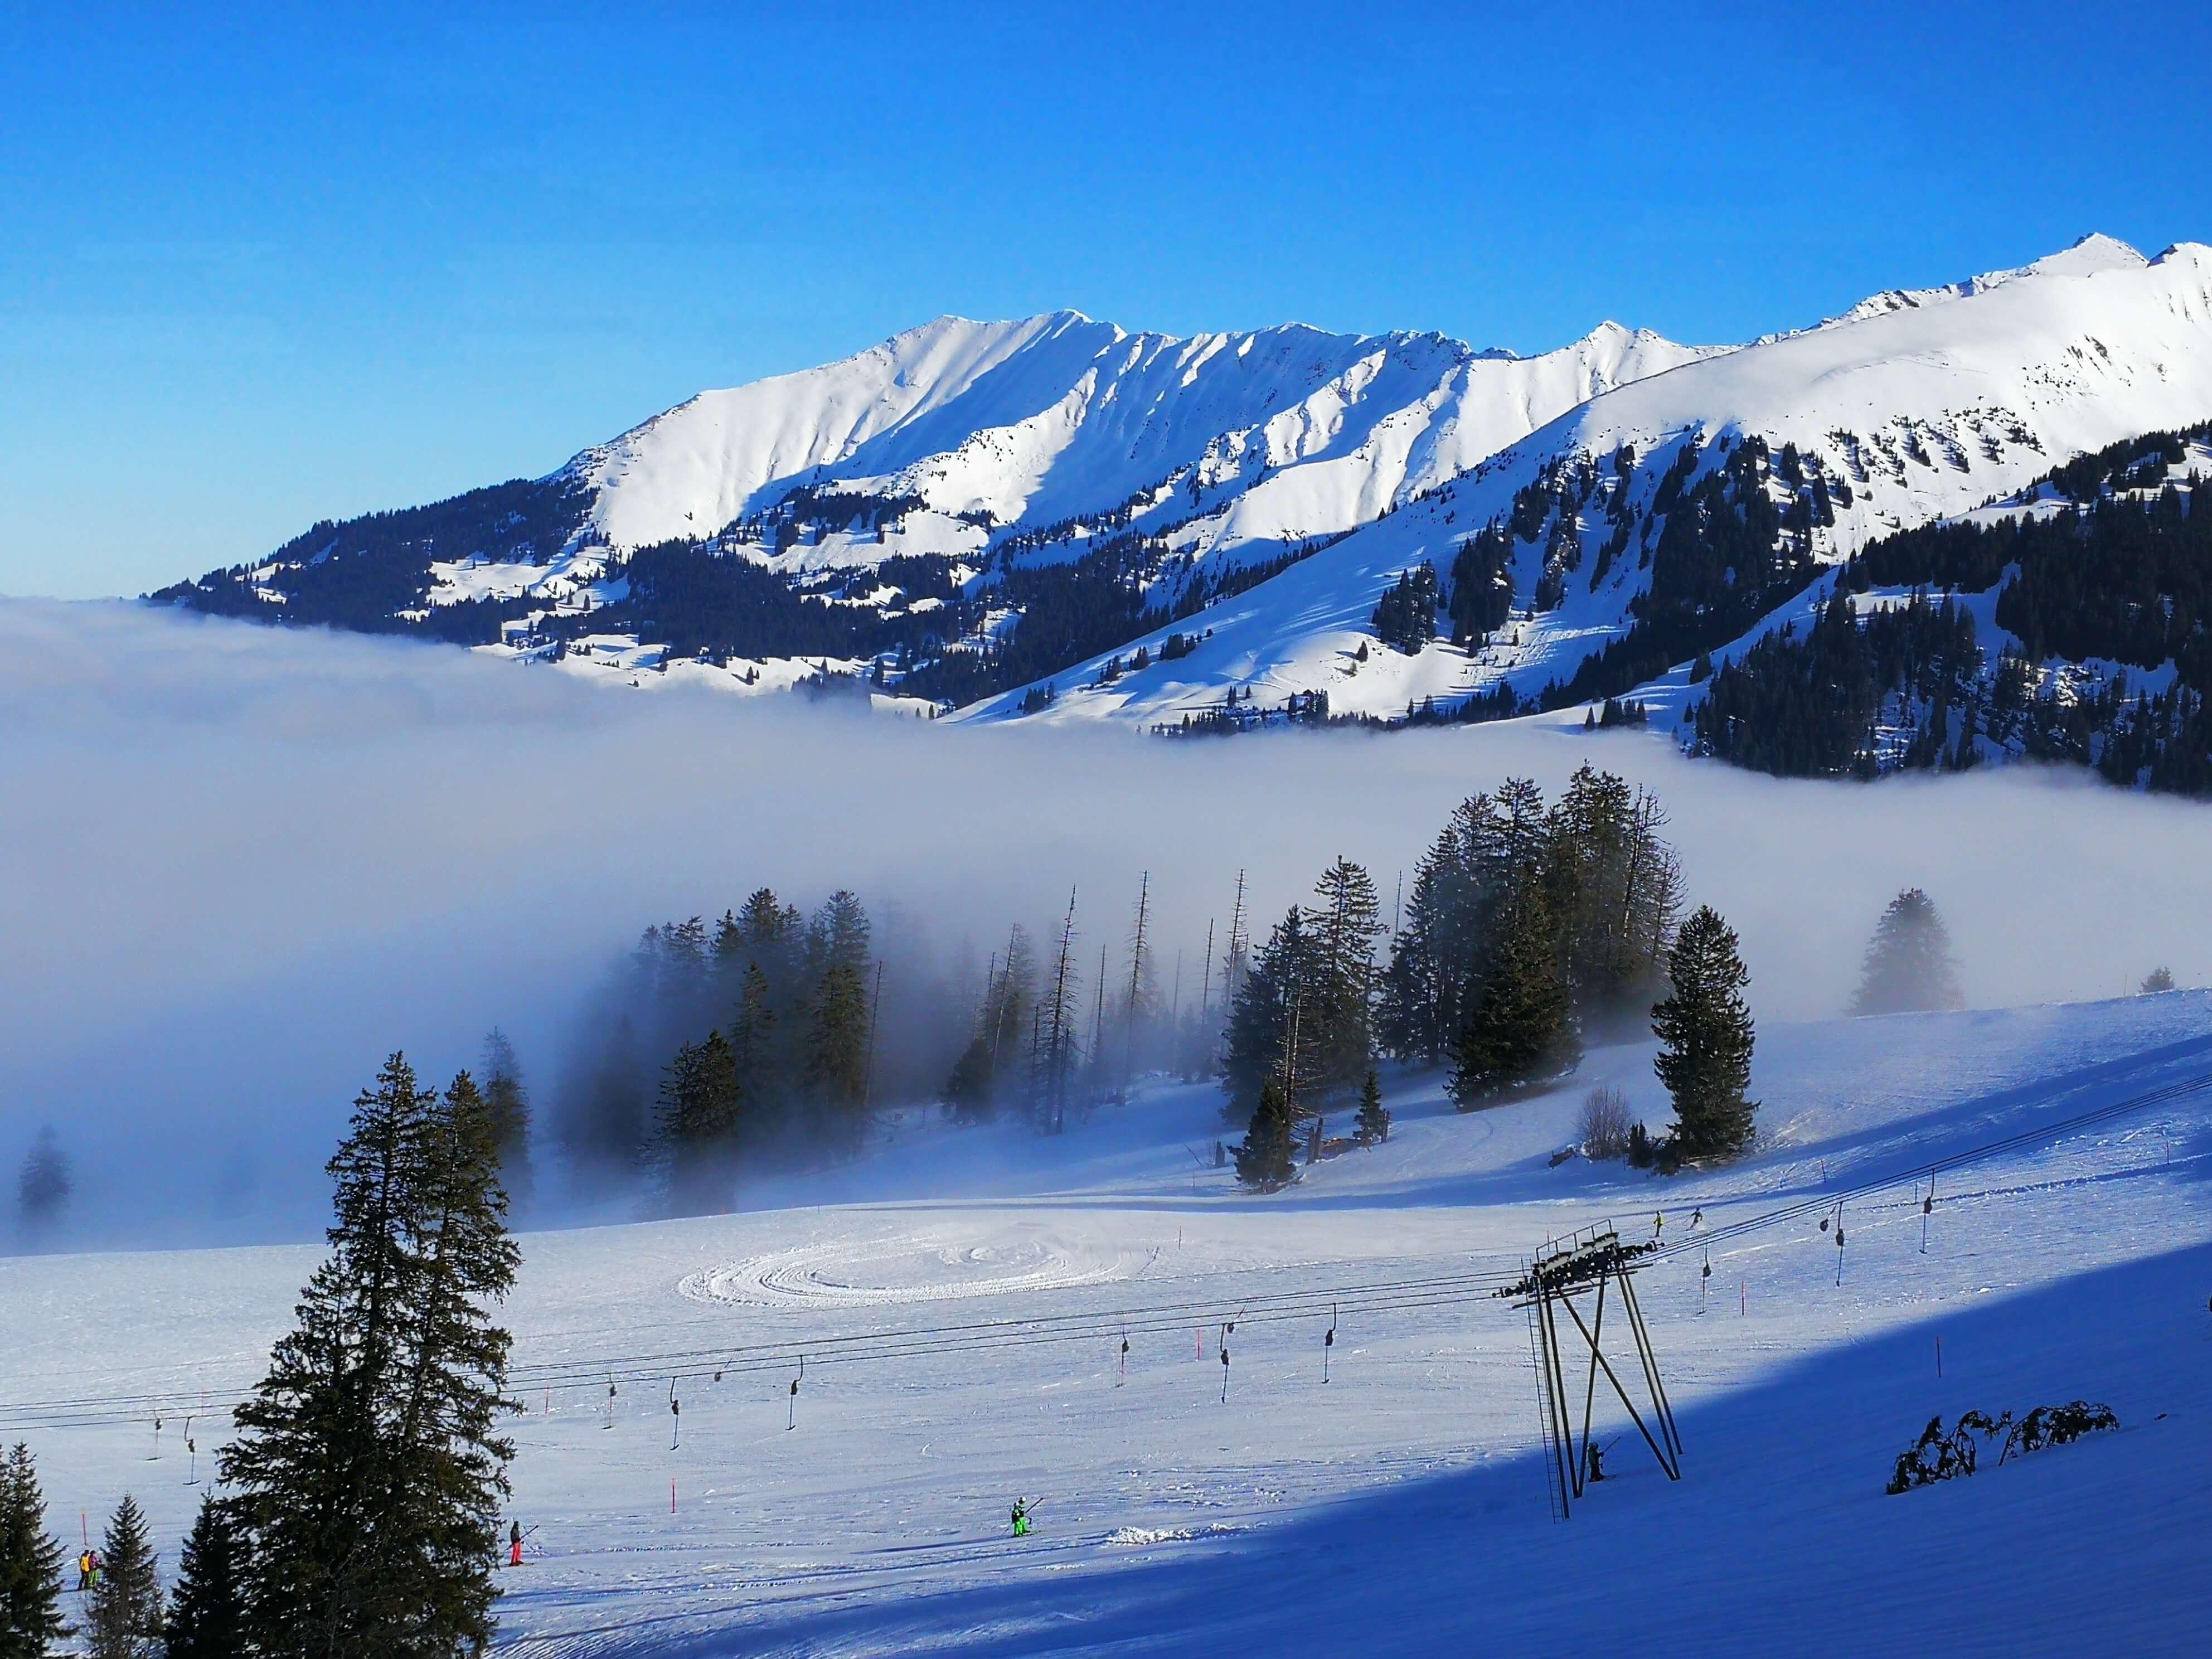 Skifahren über dem Nebelmeer am Wiriehorn